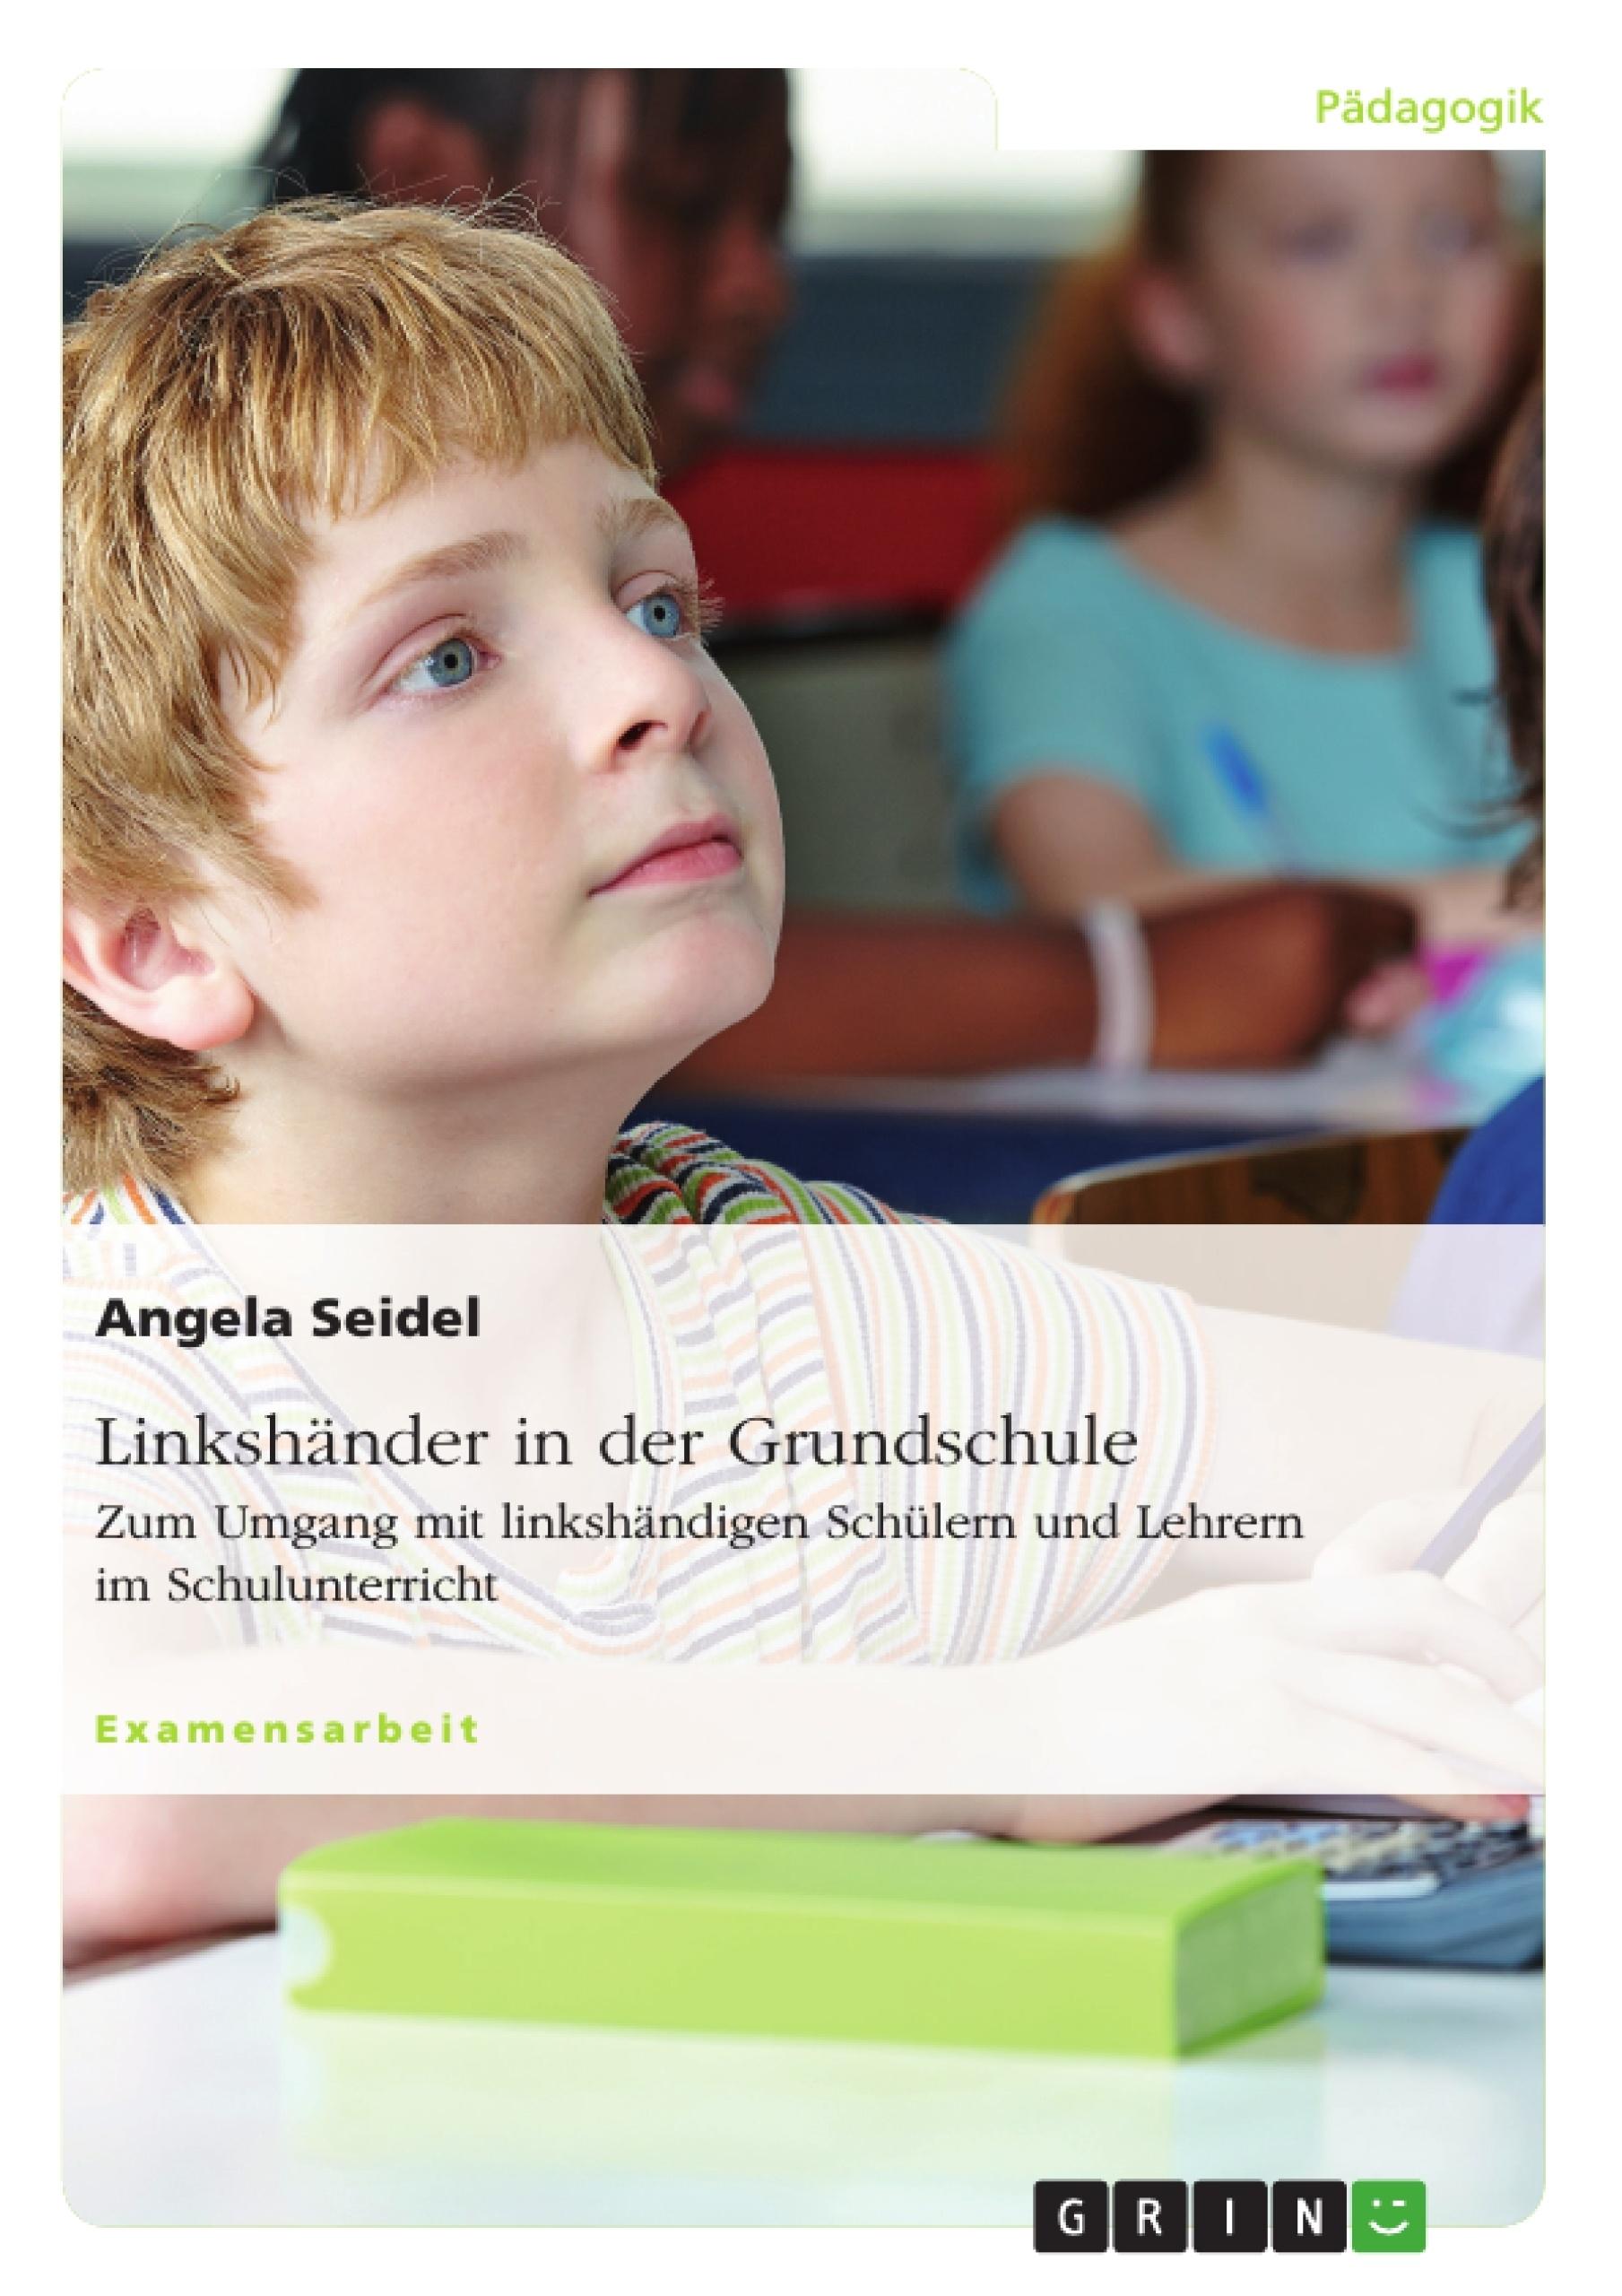 Titel: Linkshänder in der Grundschule. Zum Umgang mit linkshändigen Schülern und Lehrern im Schulunterricht